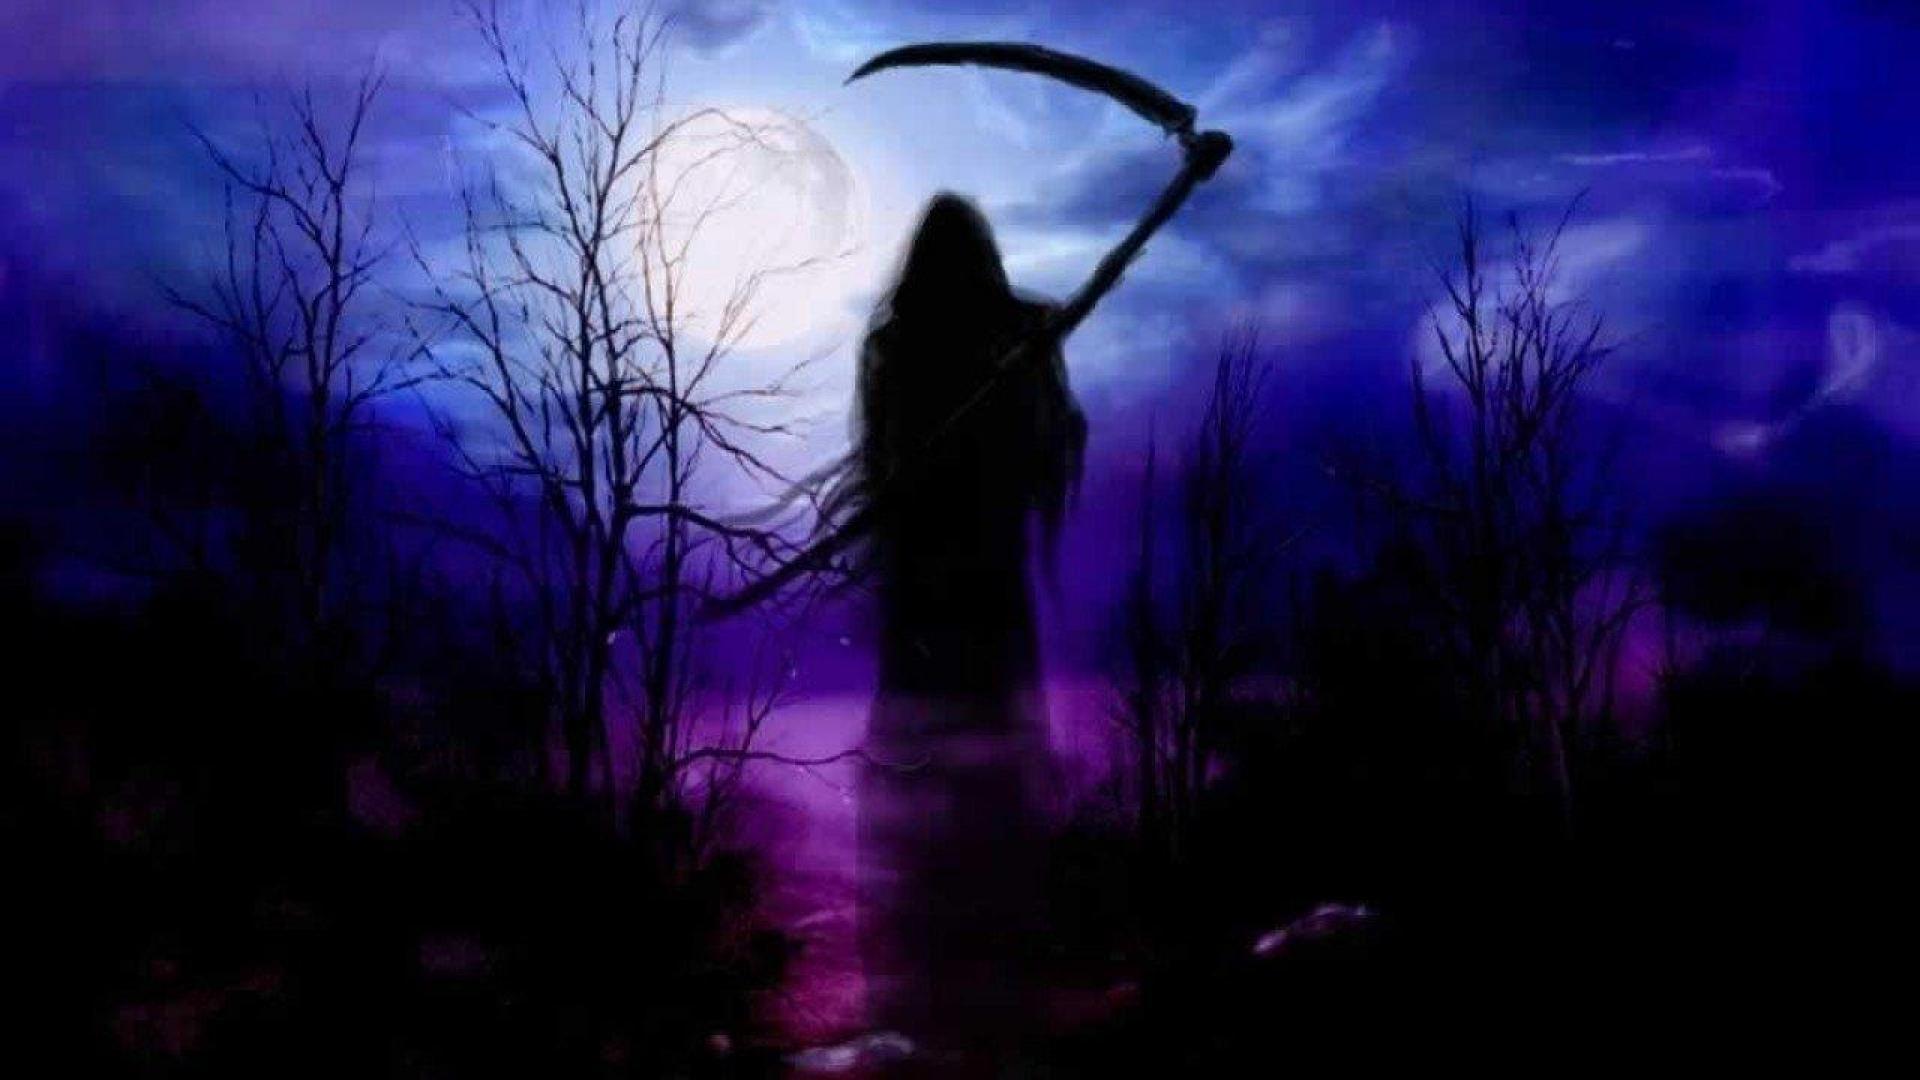 Reaper Wallpaper Hd wallpaper hd